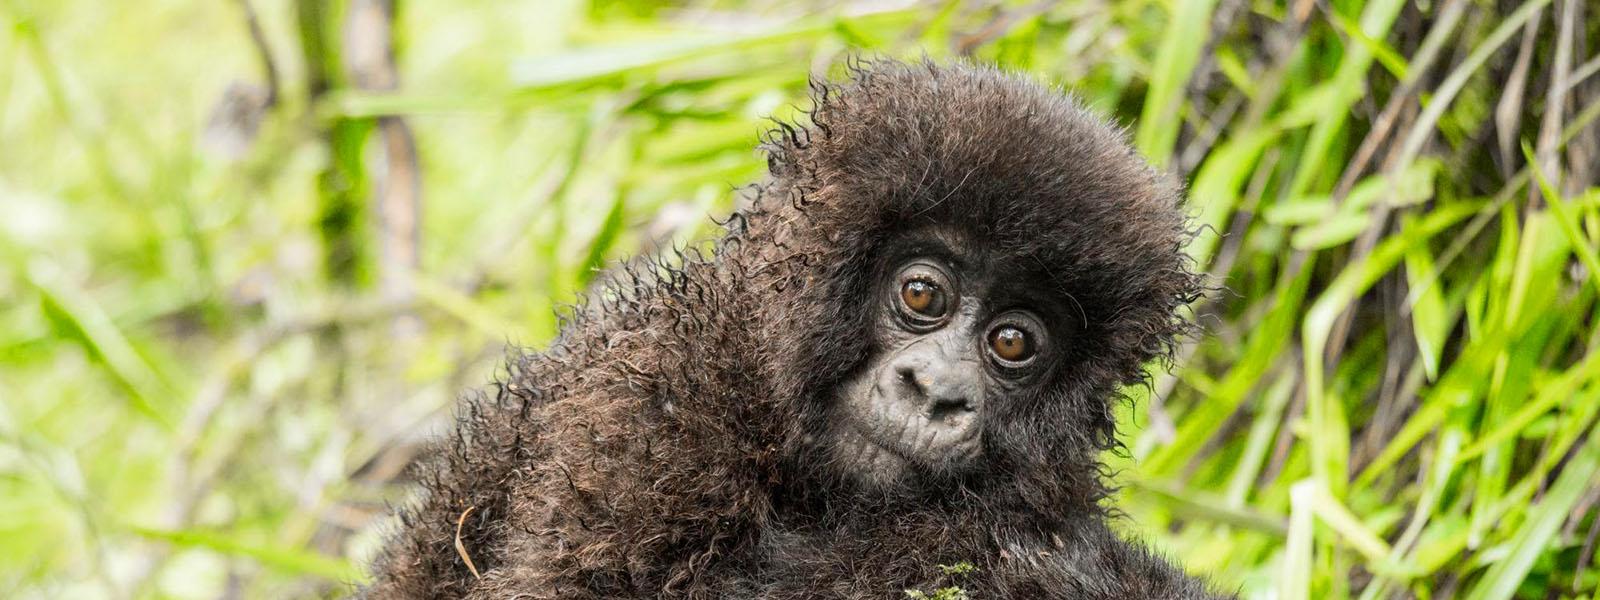 Gorilla Trekking in Uganda from Kigali Rwanda